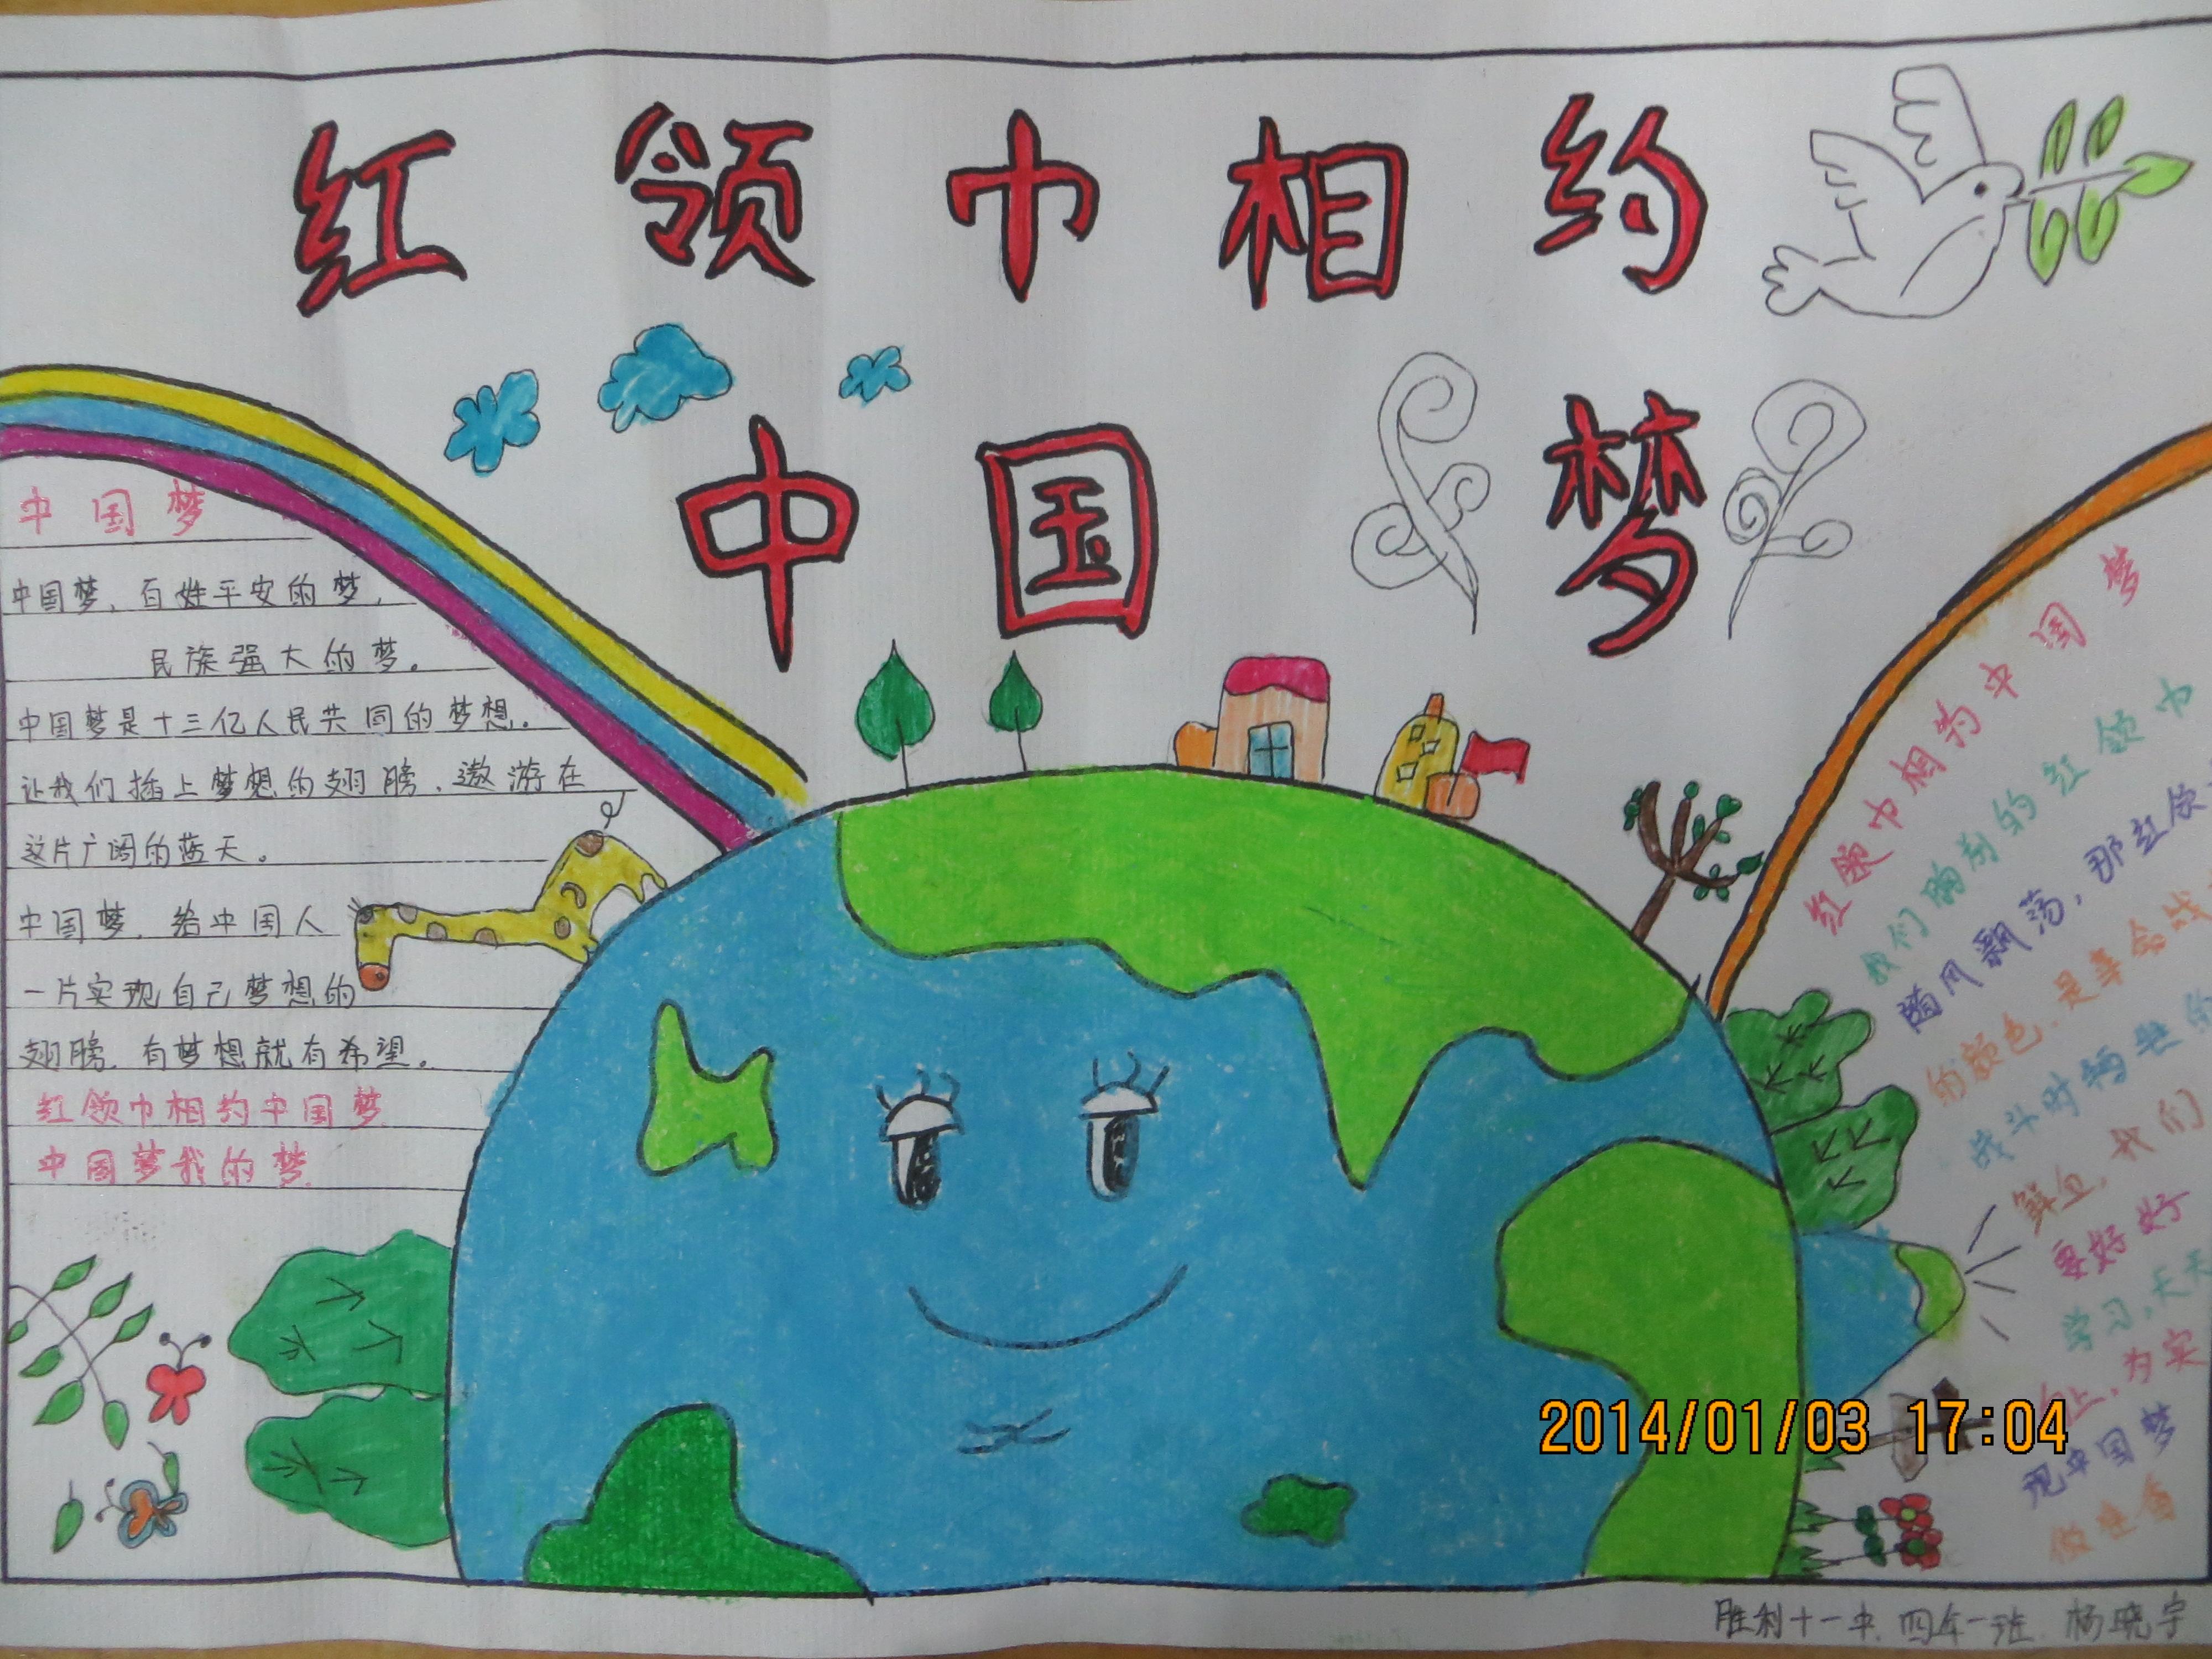 巾相约中国梦 手抄报 绘画作品